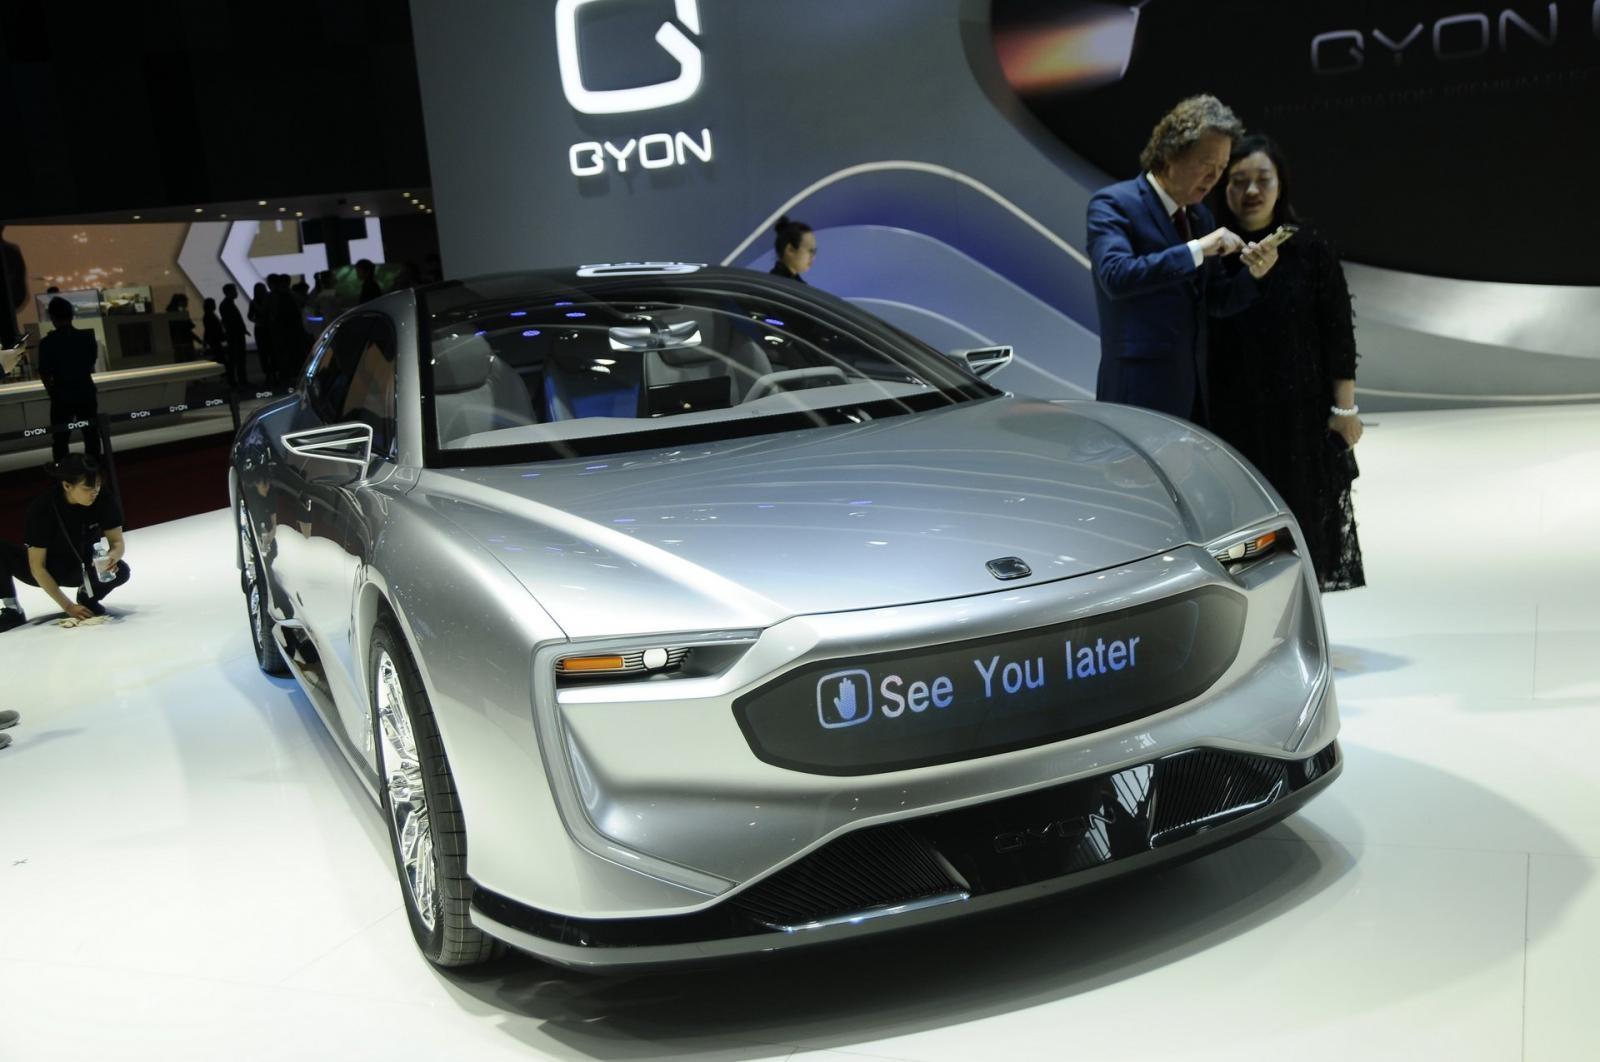 Vị trí lưới tản nhiệt của xe là một màn hình LED có thể hiển thị tin nhắn